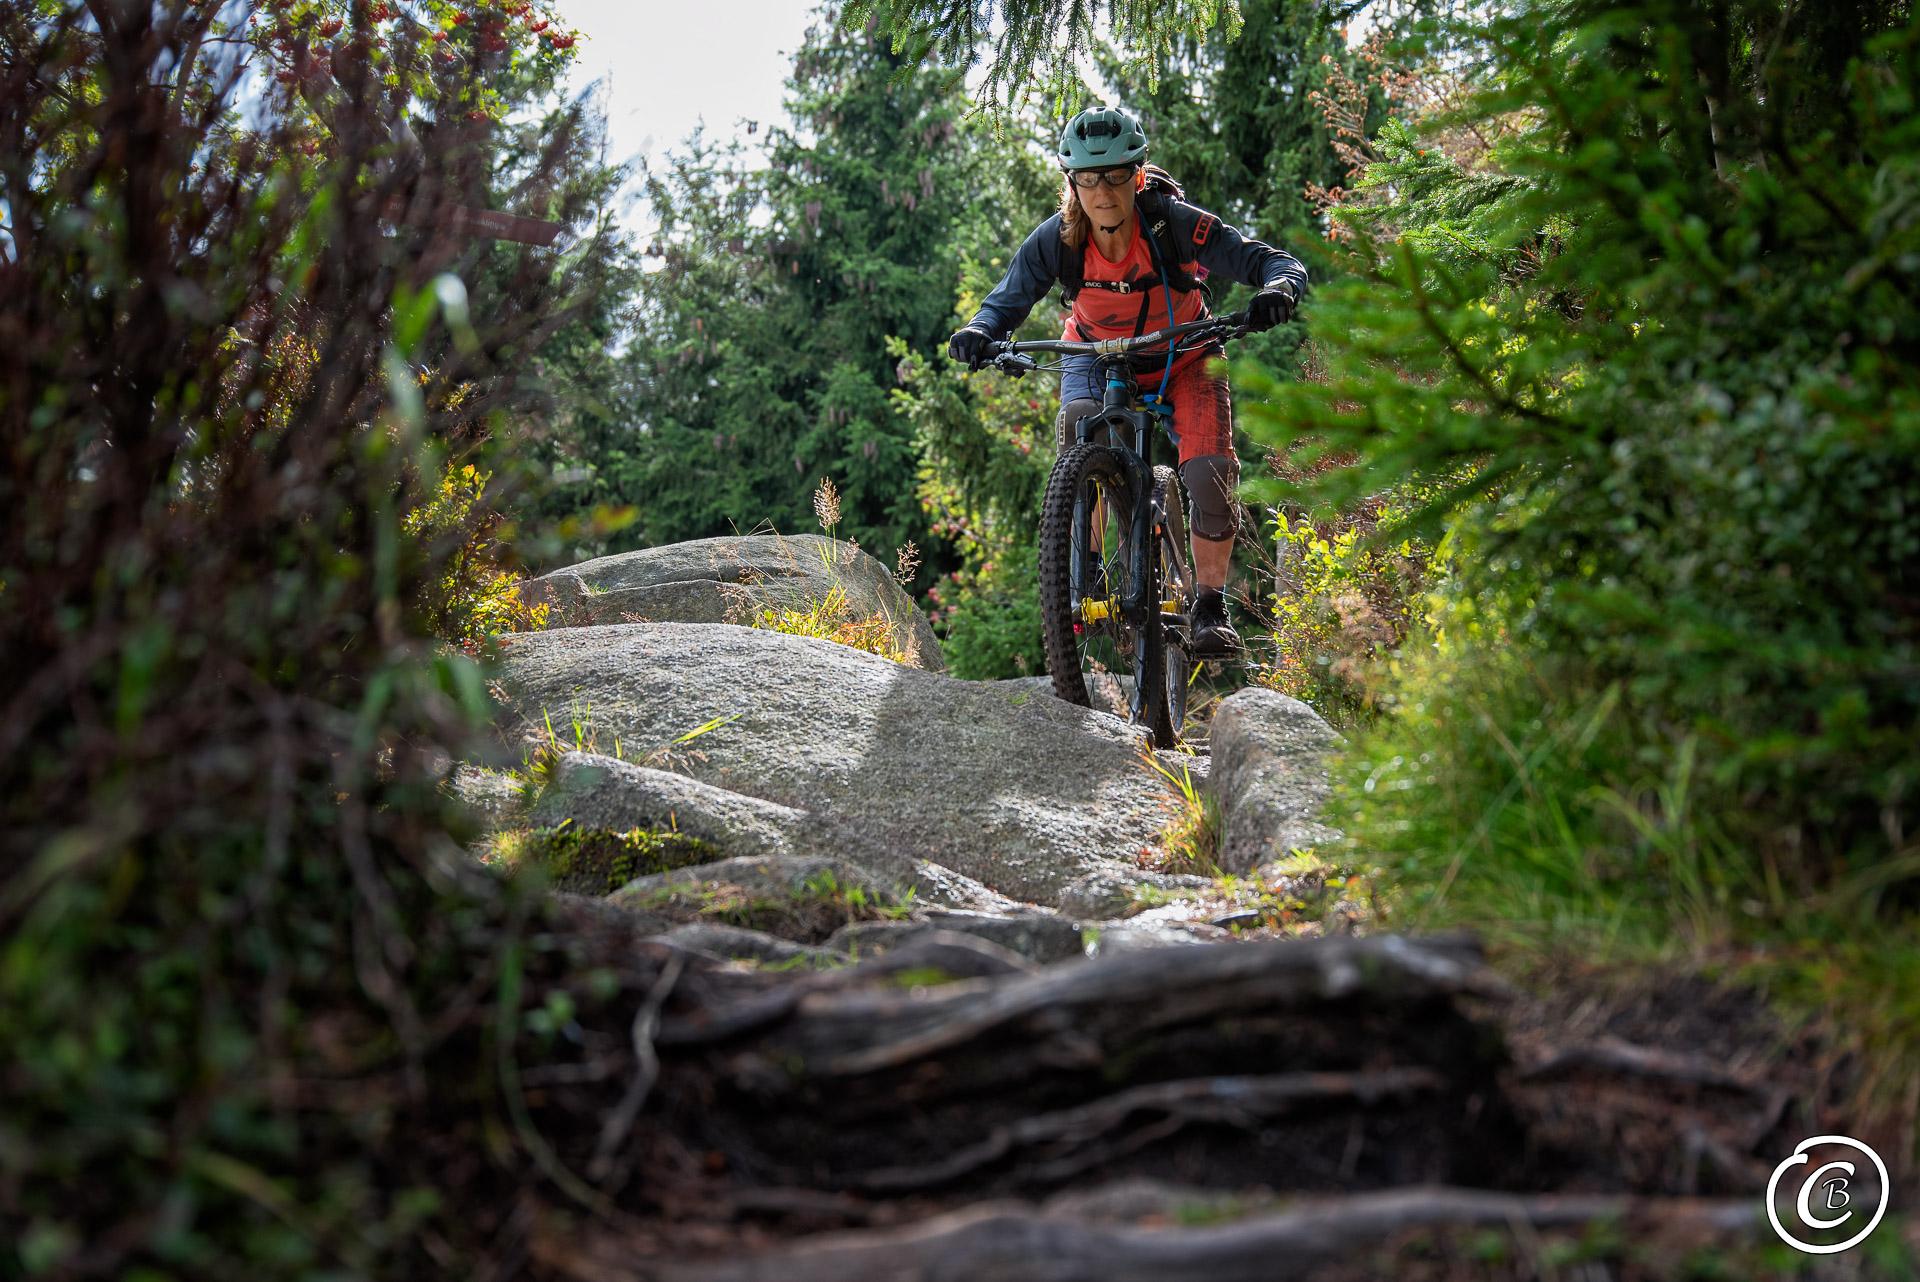 Mountainbiken auf Harzer Trails